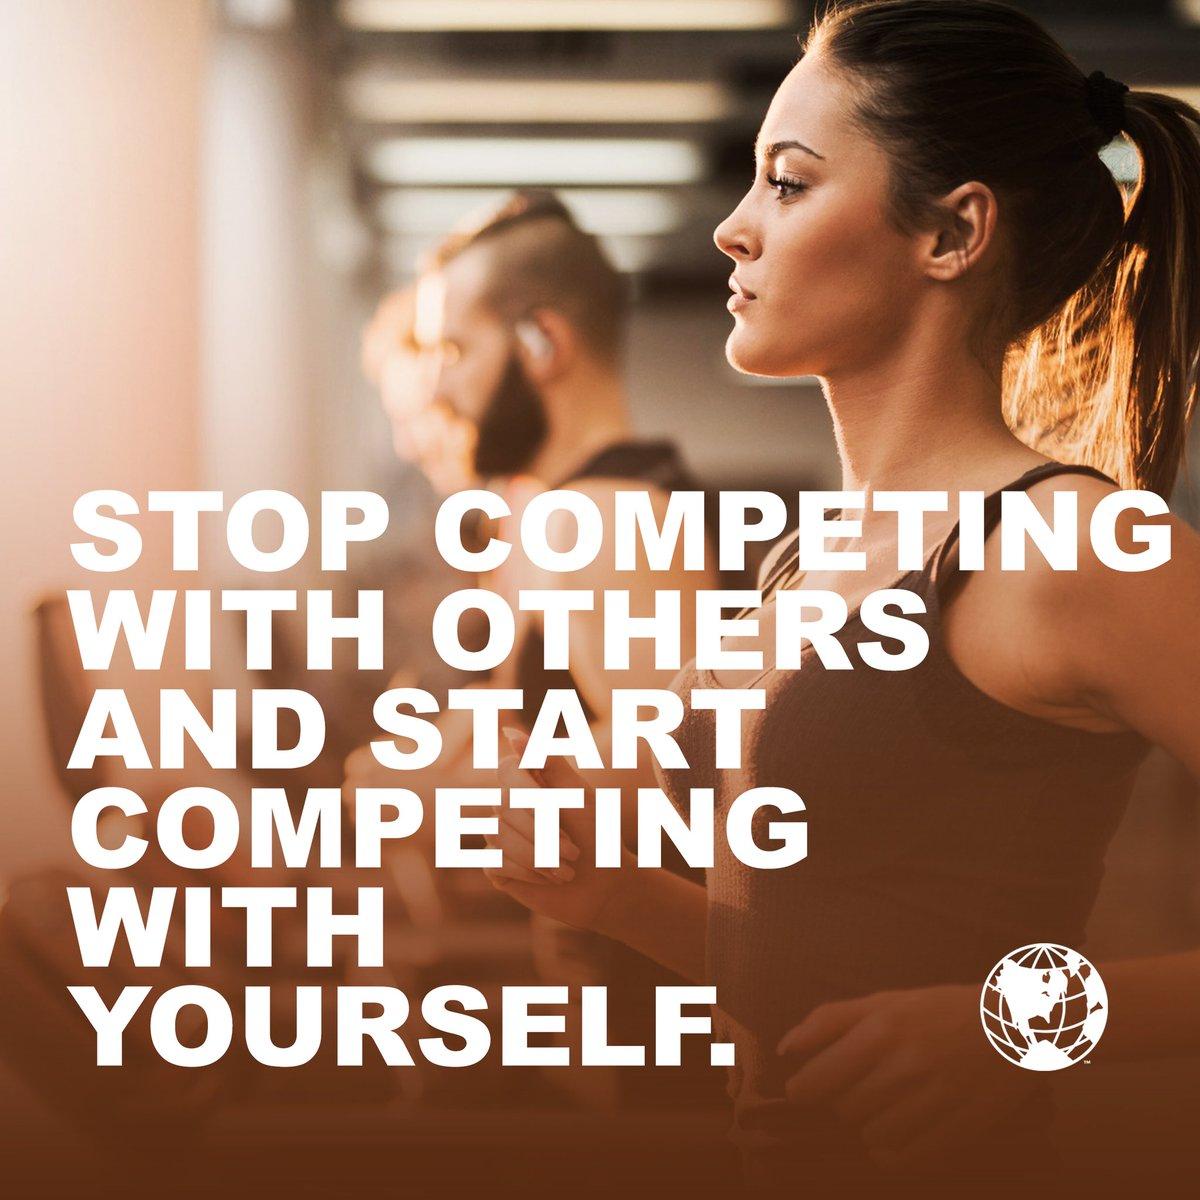 """"""" توقف عن منافسة الآخرين، وابدأ بمنافسة نفسك."""" دائما التركيز مع الذات يوصلك لمراحل ما تتوقعها! • شاركونا آخر شيء صعب تجاوزتوه 💪 https://t.co/MkTvU1LVza"""